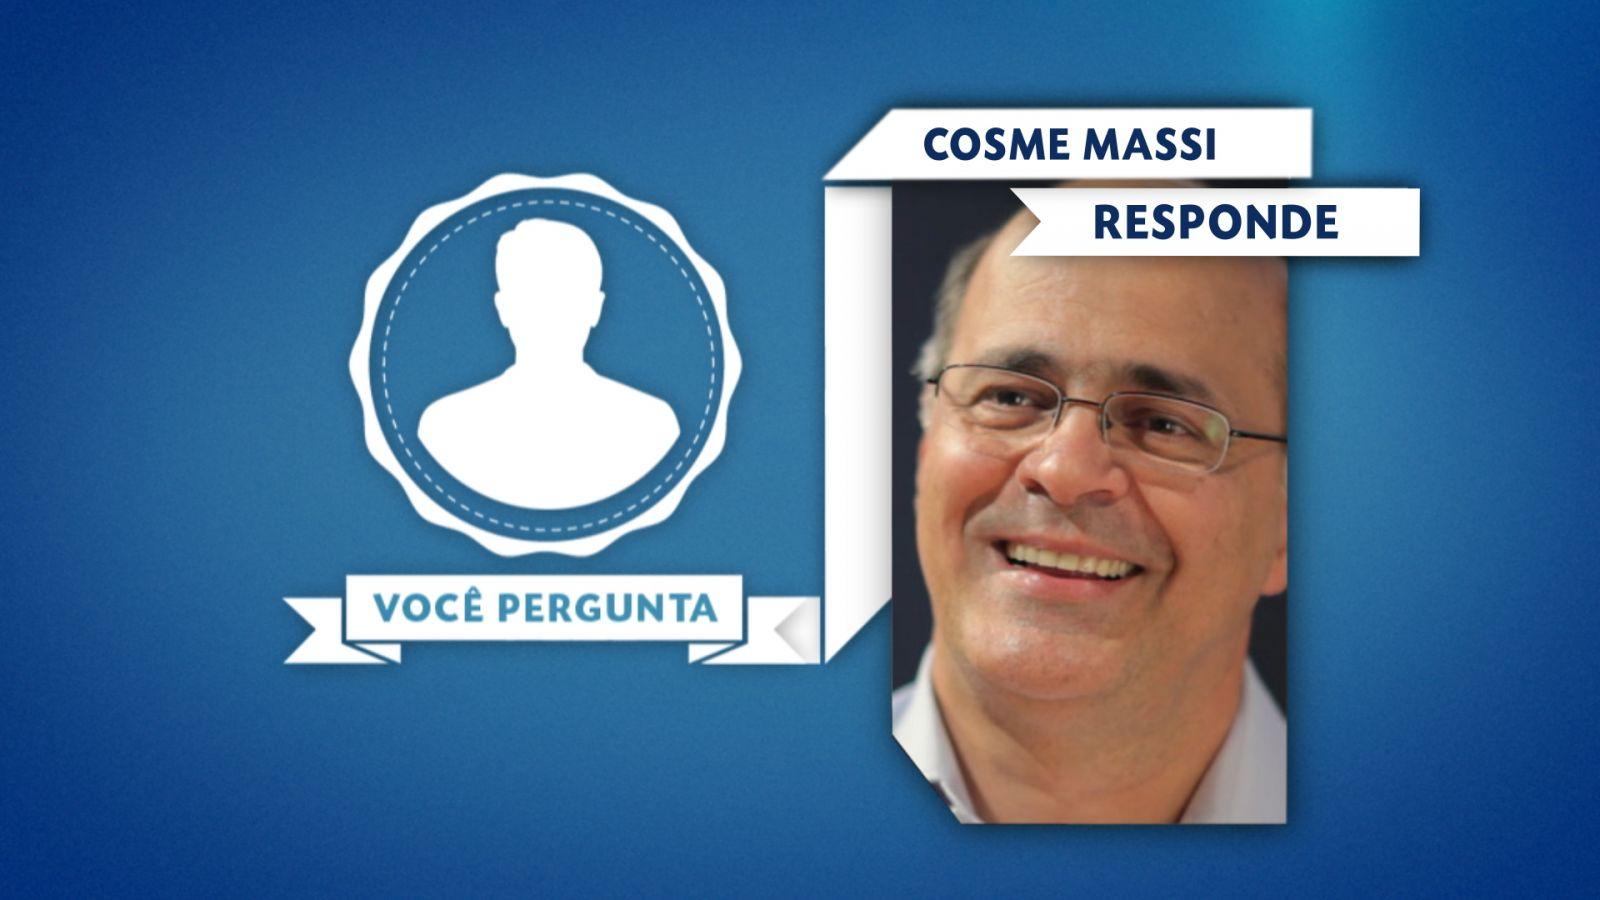 Você pergunta, Cosme Massi responde (088)